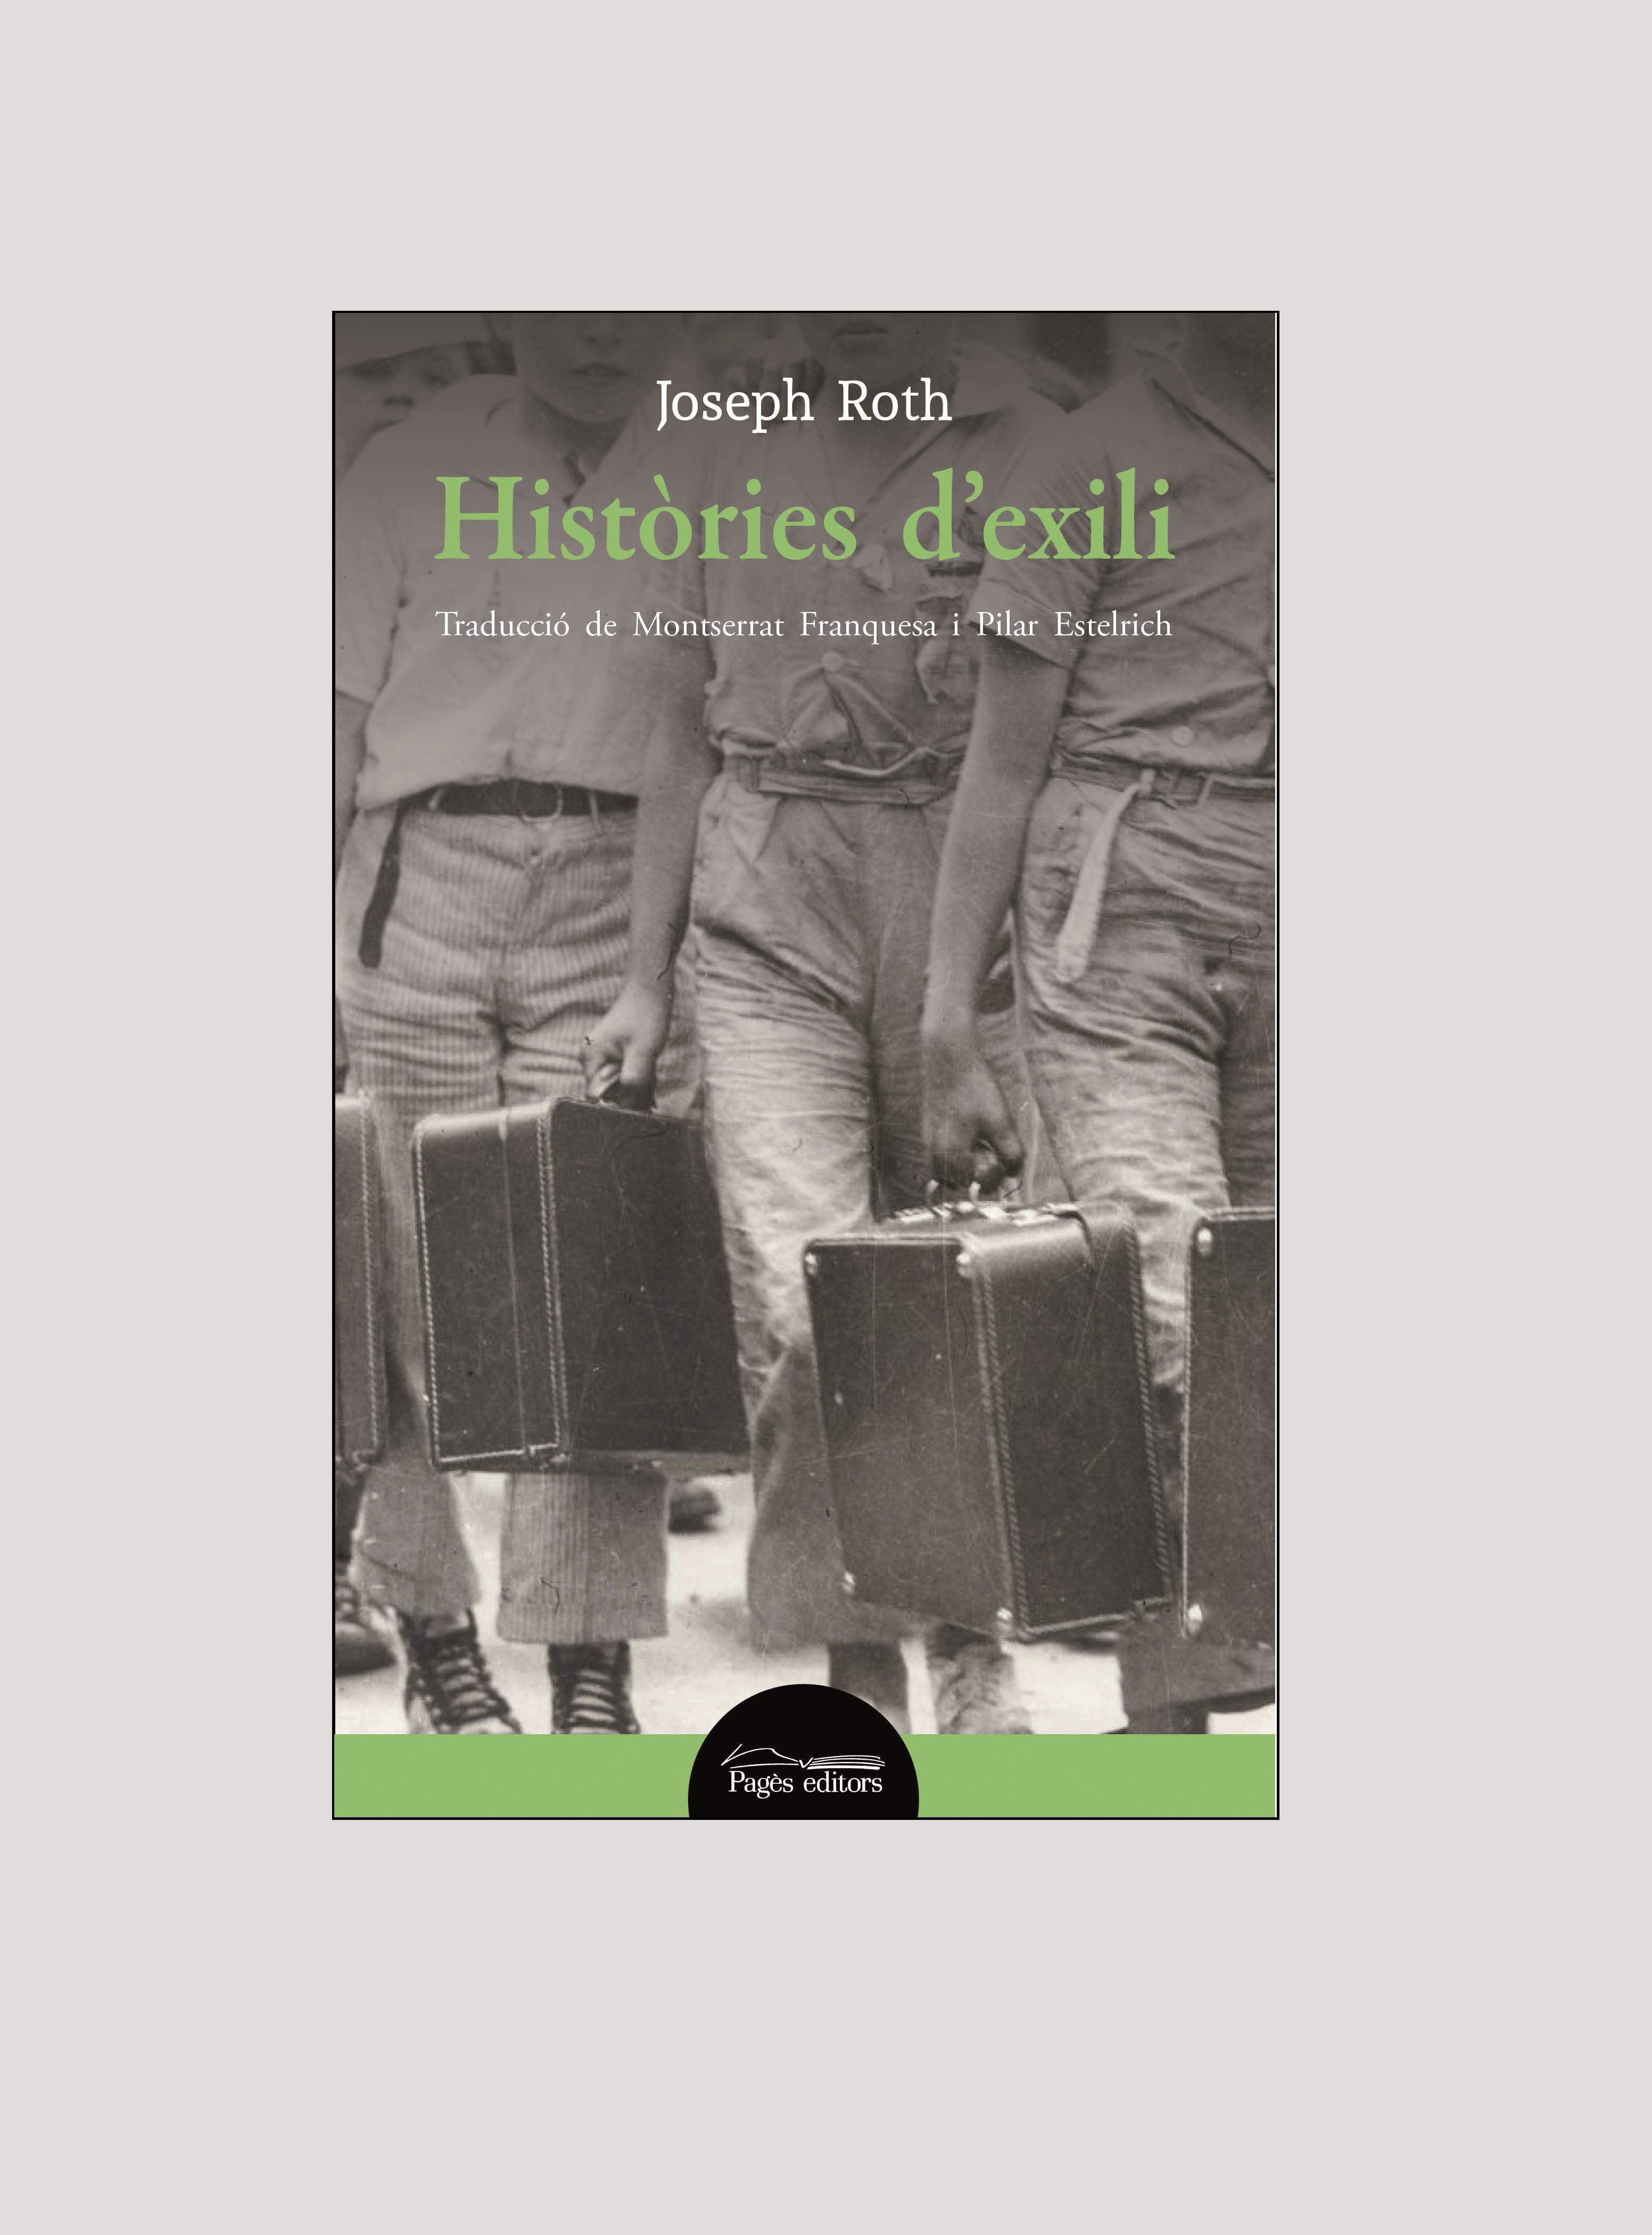 Pagès Editors presenta 'Històries d'exili', de Joseph Roth